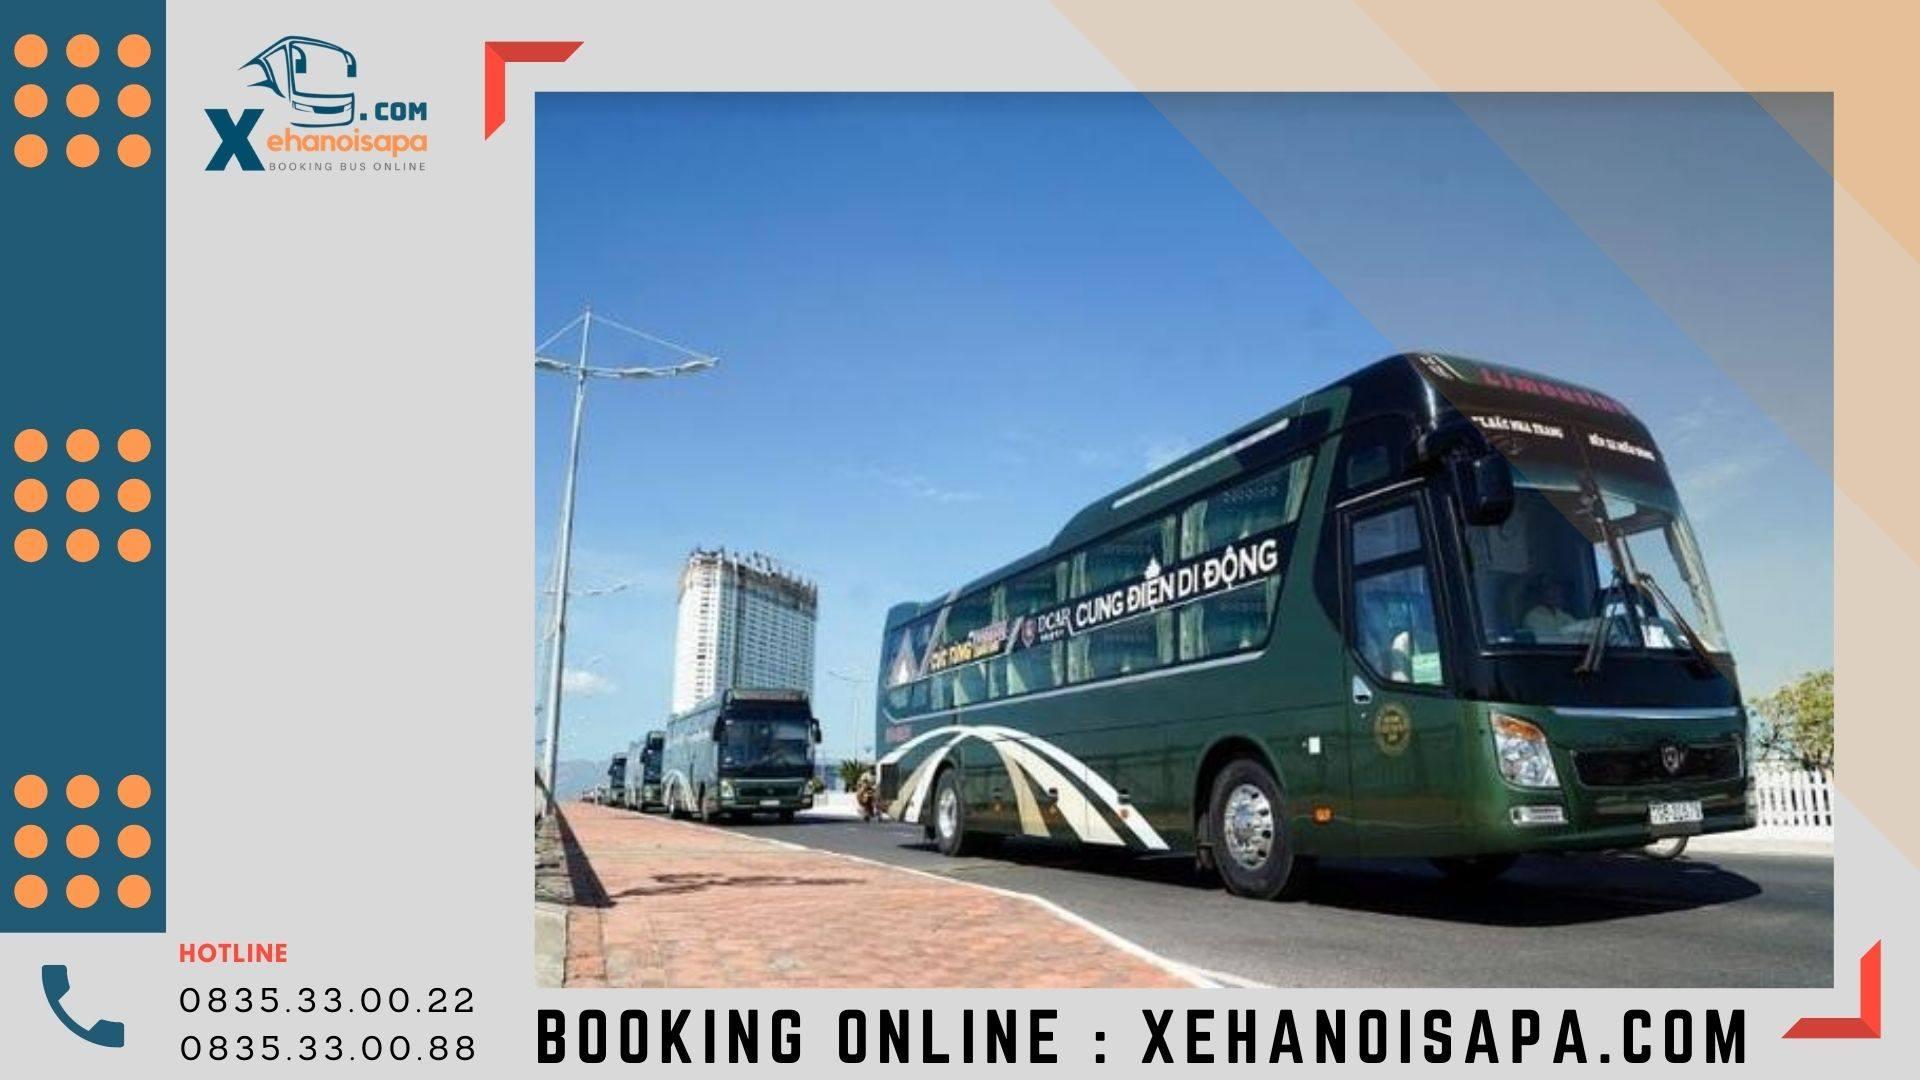 Booking online xe cabin đi Sapa tại Xehanoisapa.com